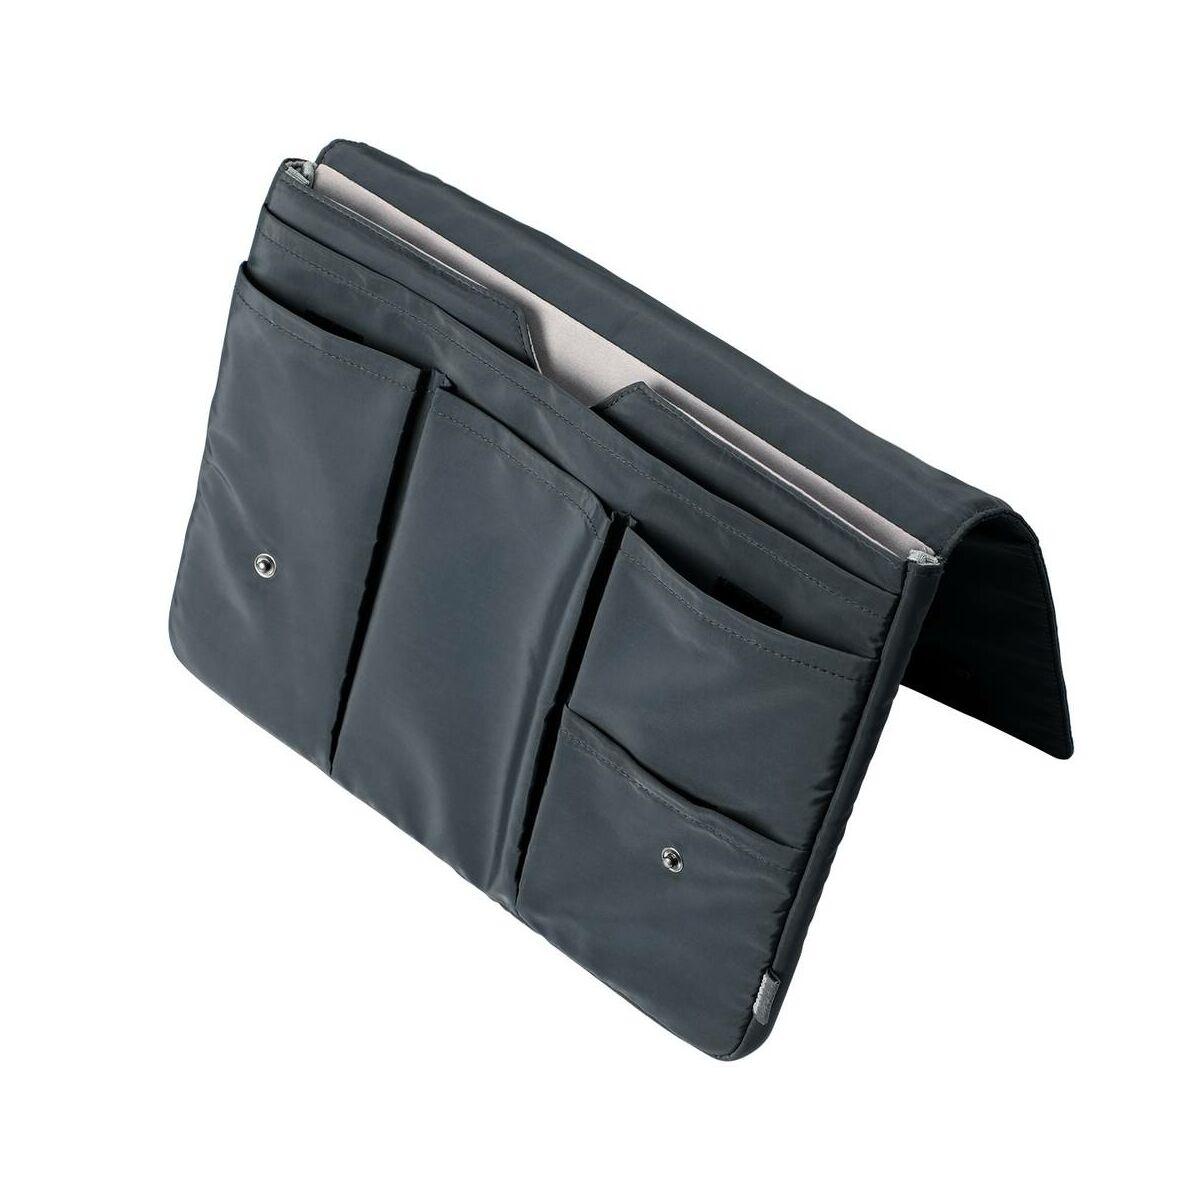 Baseus kézi táska, Basics series, laptop táska (16 inch, 370 x 260 x 20 mm), szürke (LBJN-B0G)